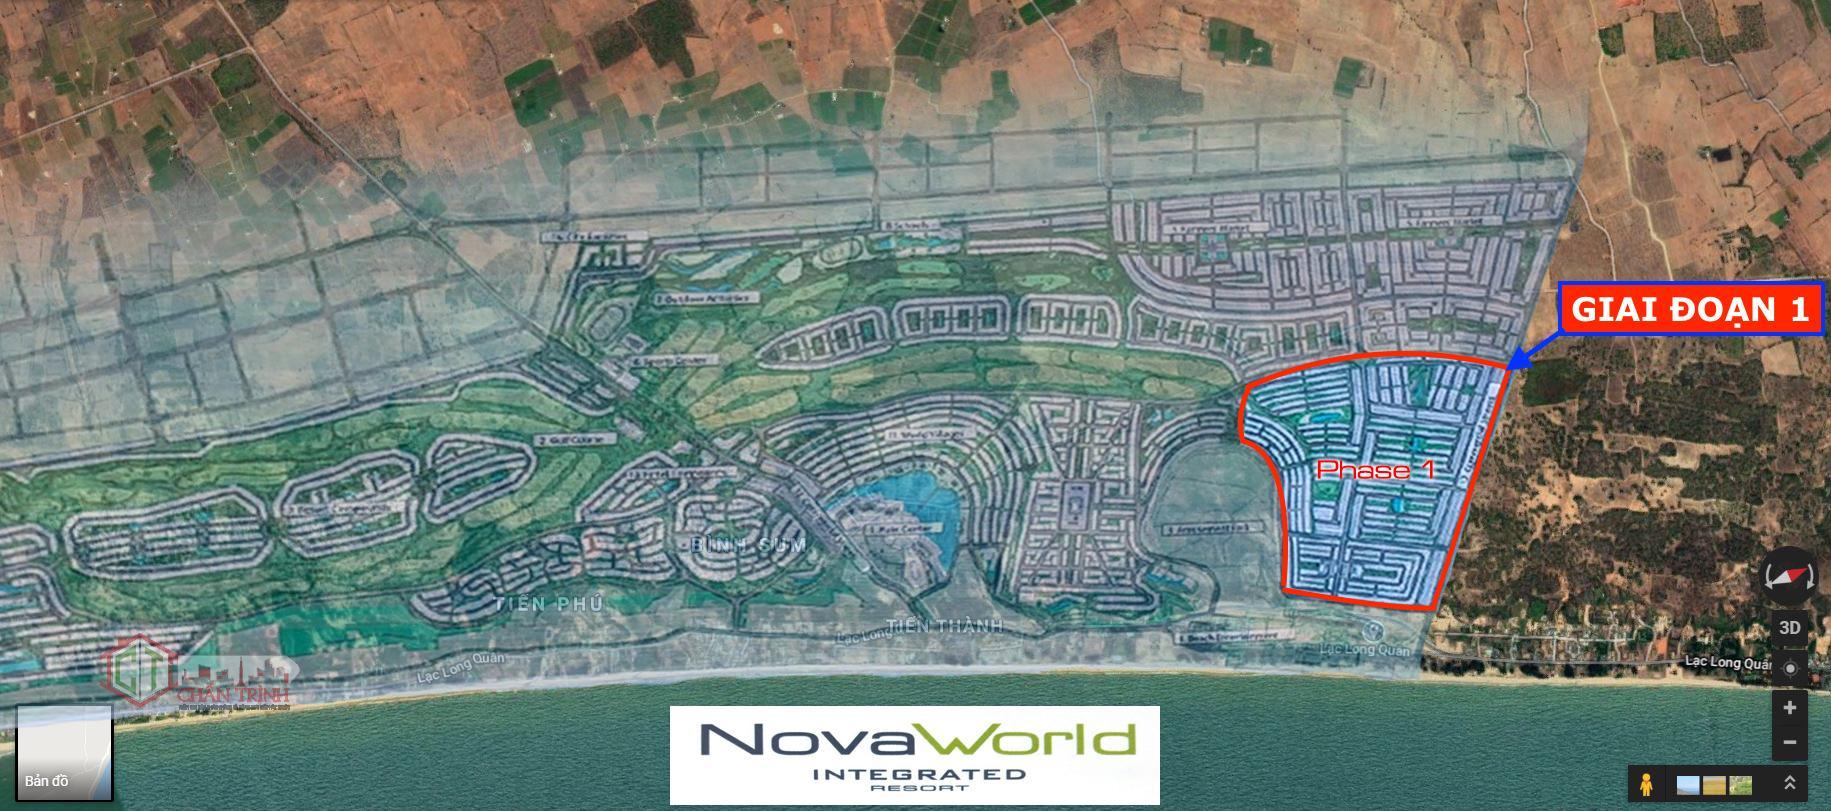 NovaWorld Phan Thiết - Khu đô thị sinh thái biển lớn nhất Phan Thiết